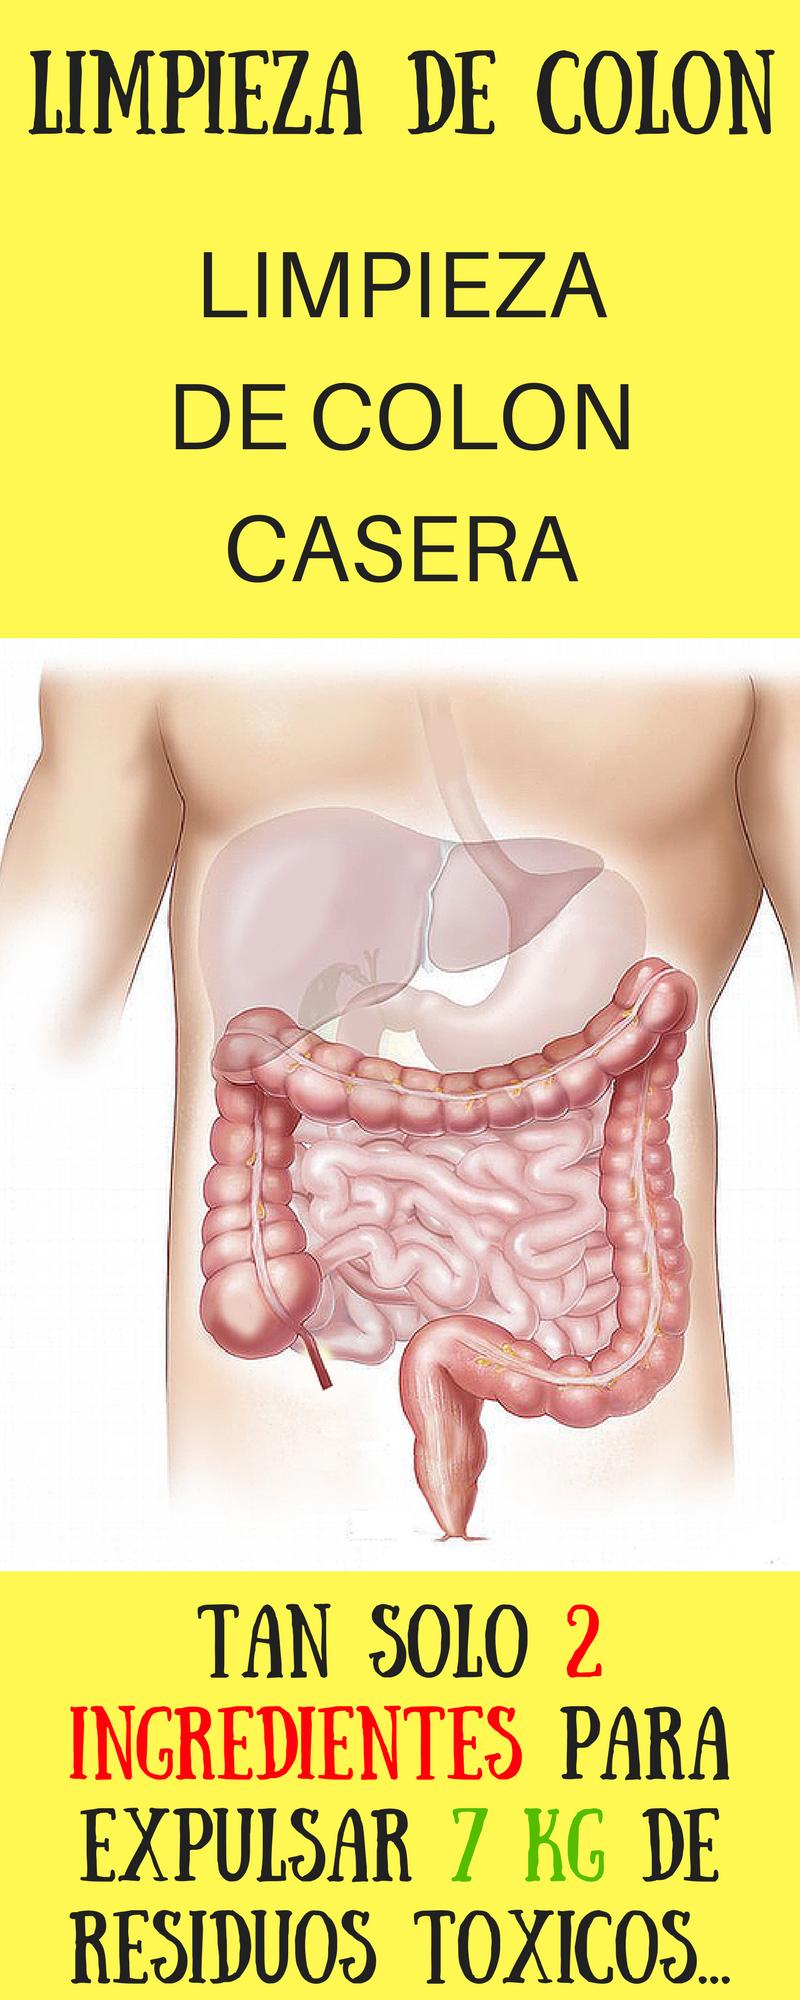 El intestino rapido limpiar